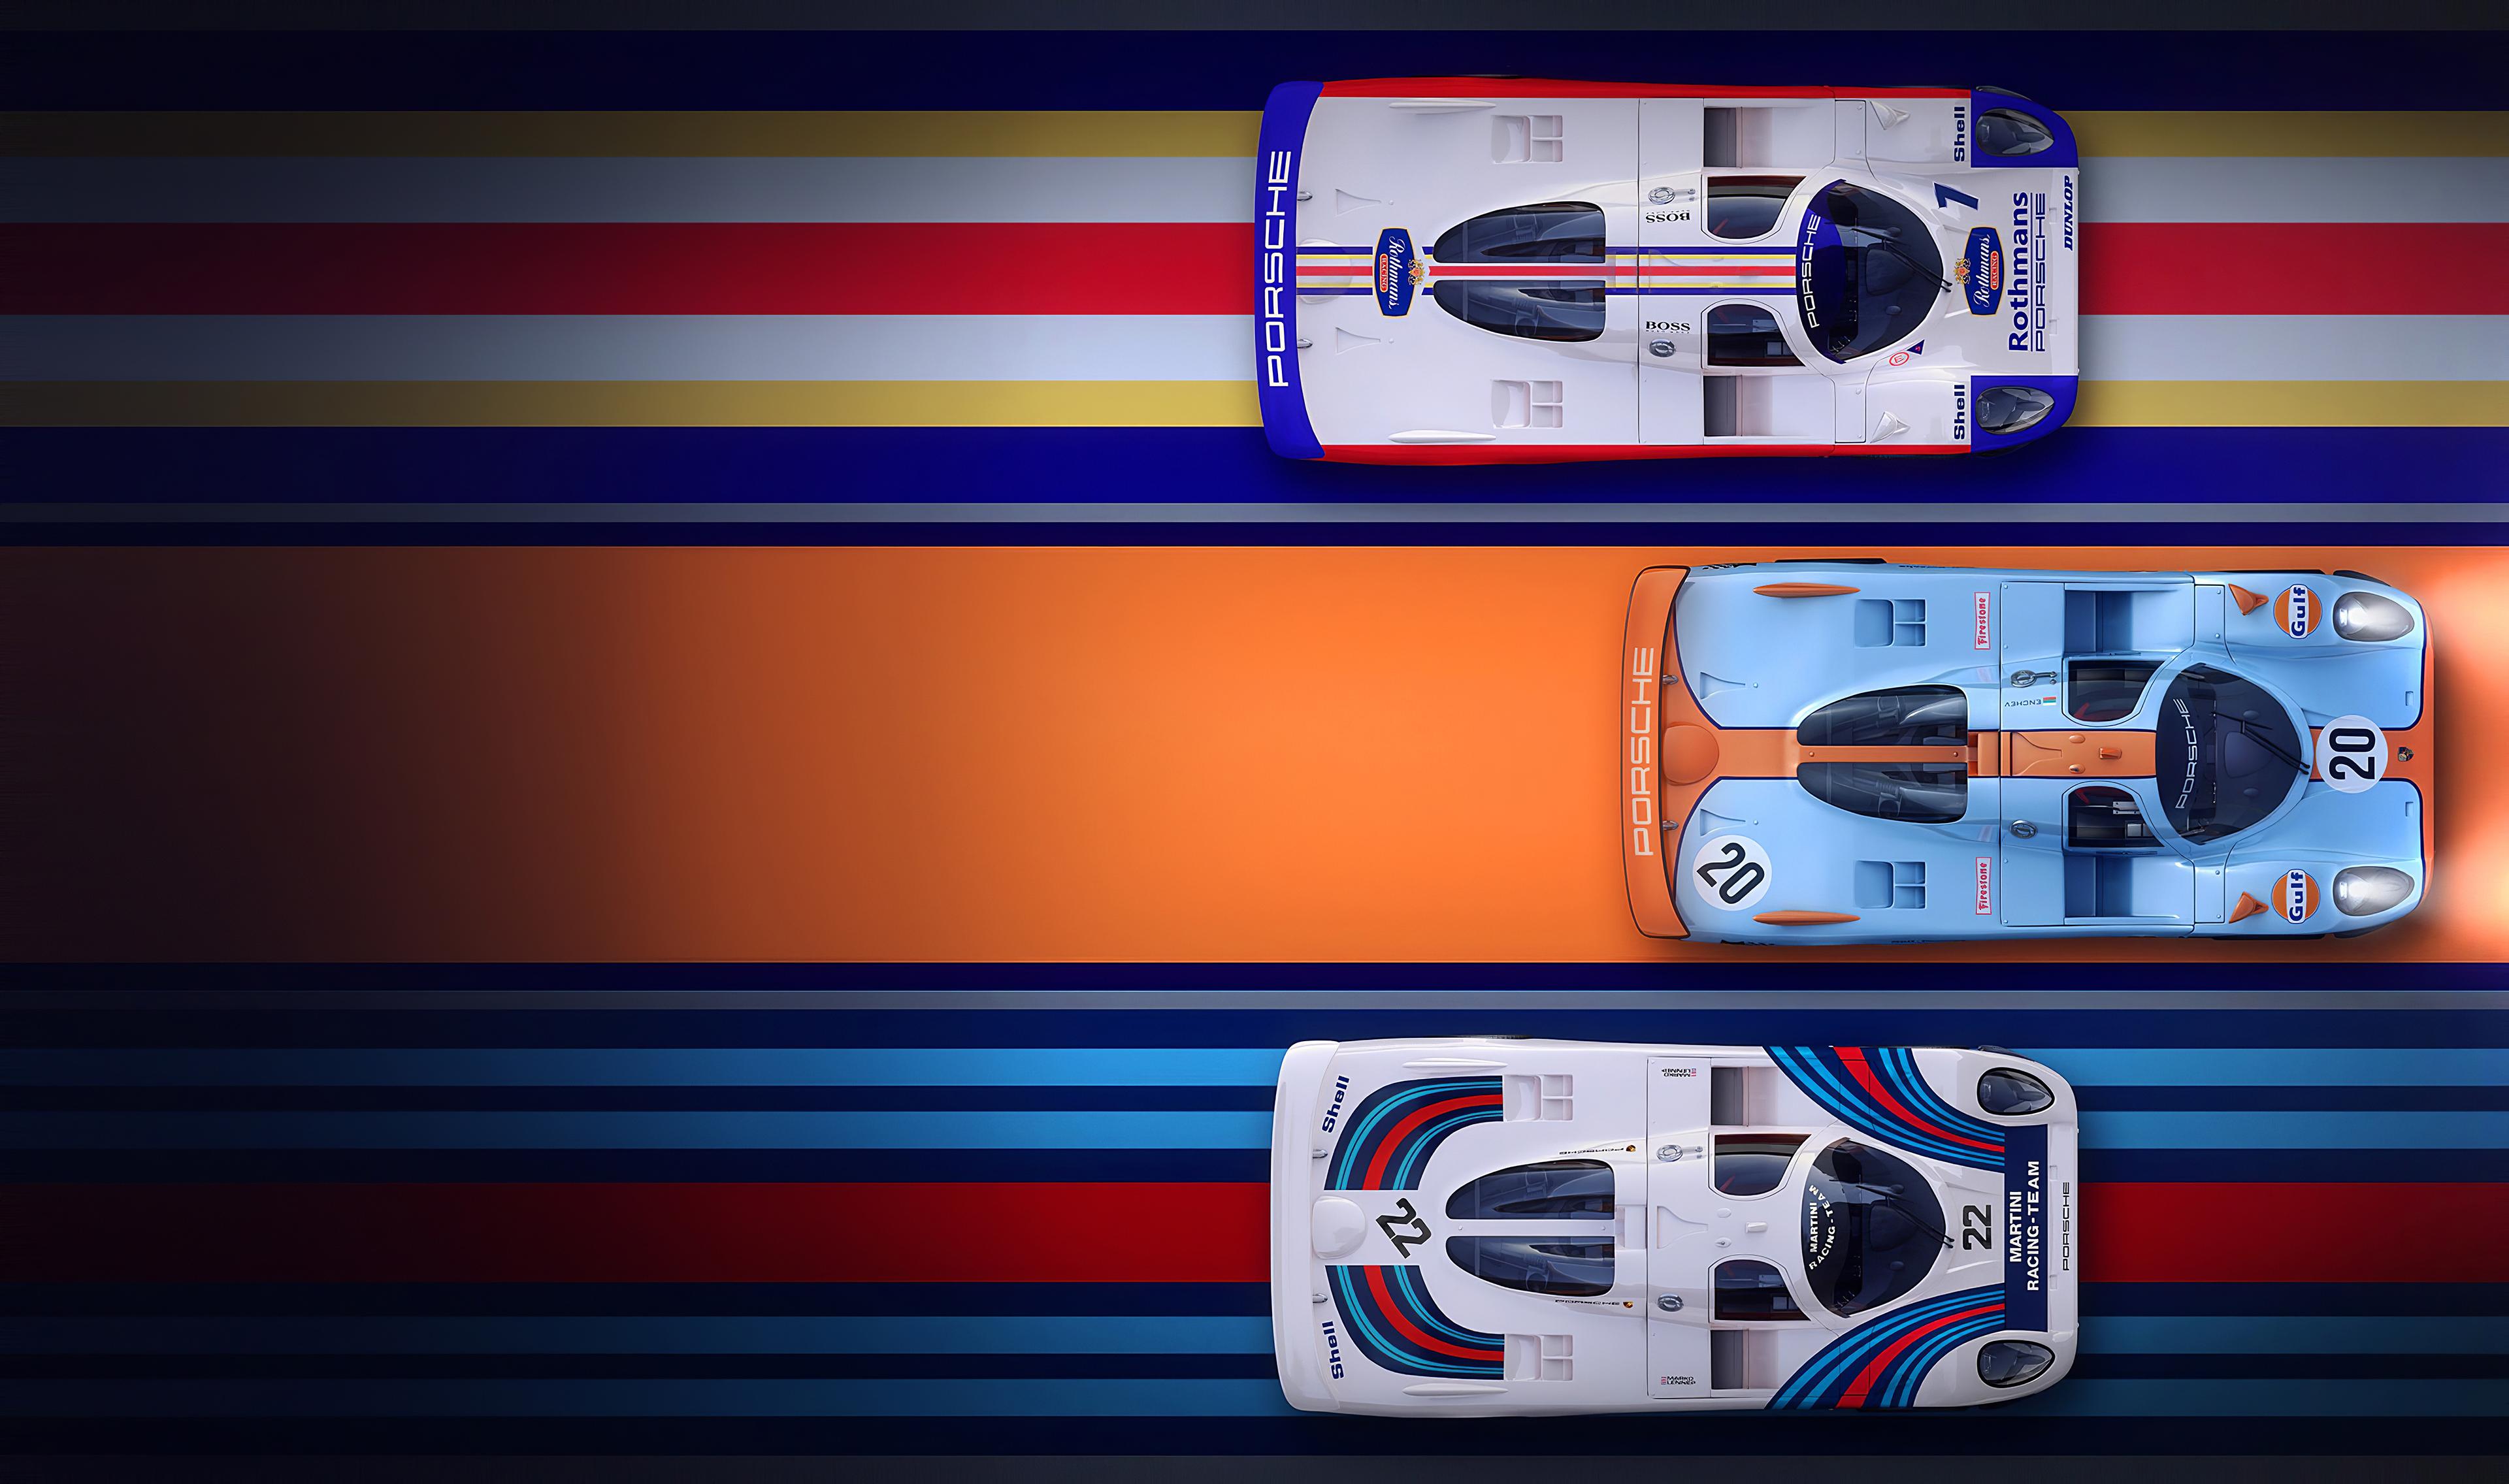 porsche racing digital art 1574936041 - Porsche Racing Digital Art -